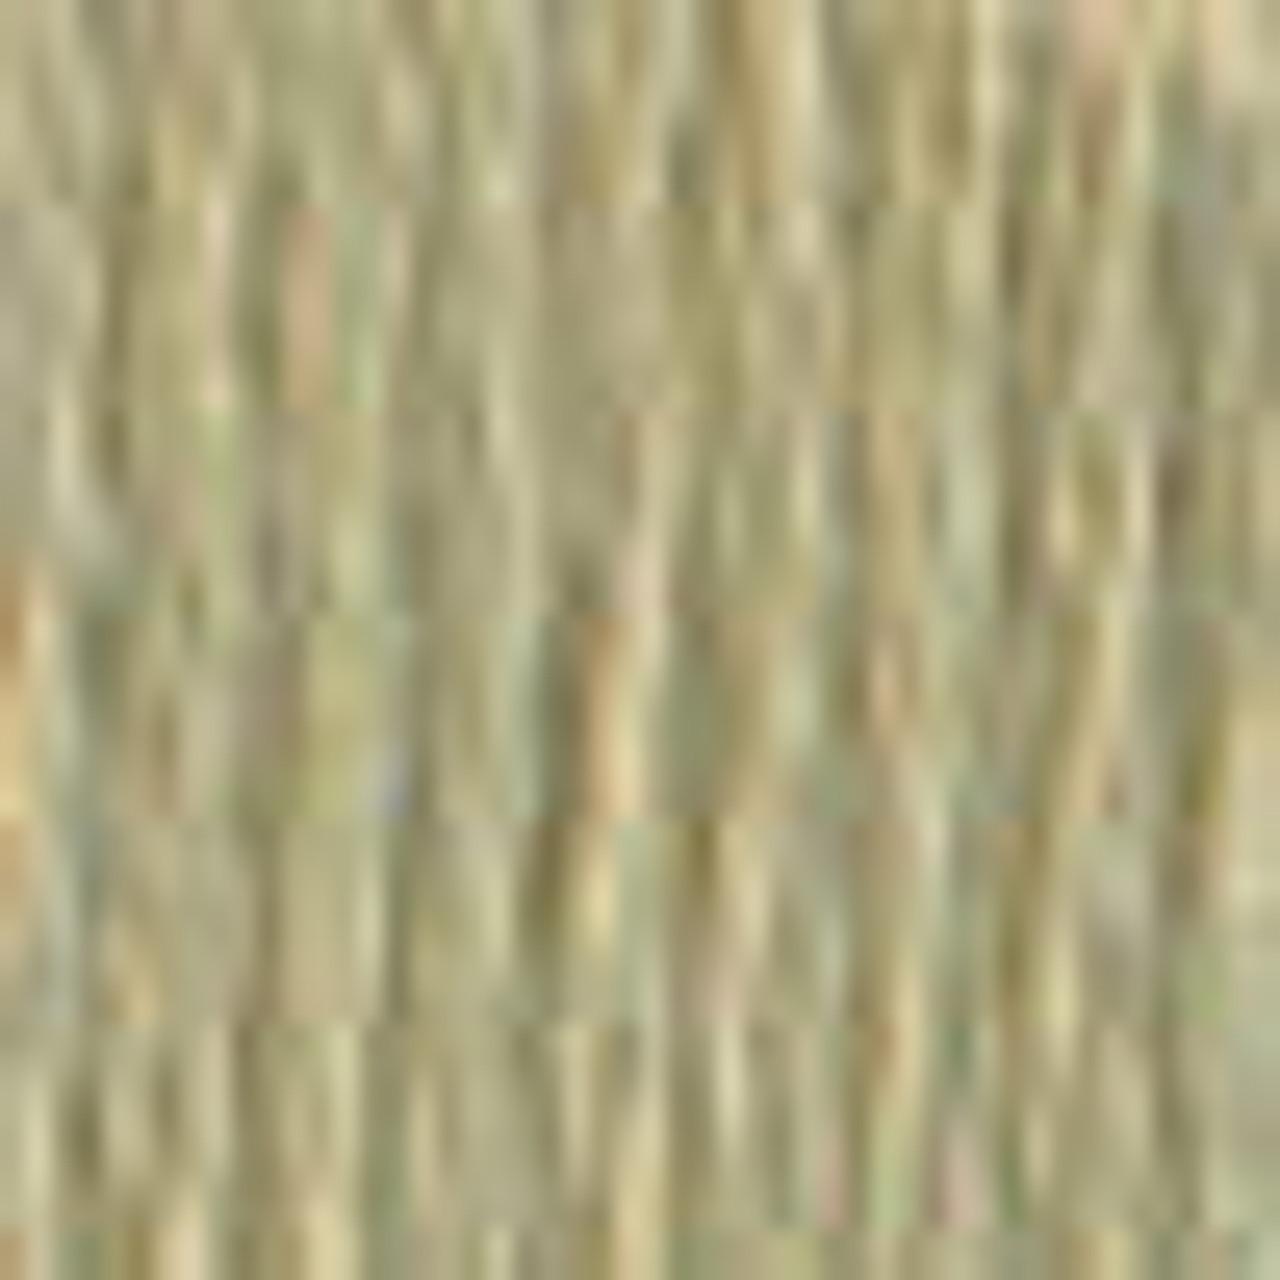 DMC # 372 Light Mustard Floss / Thread